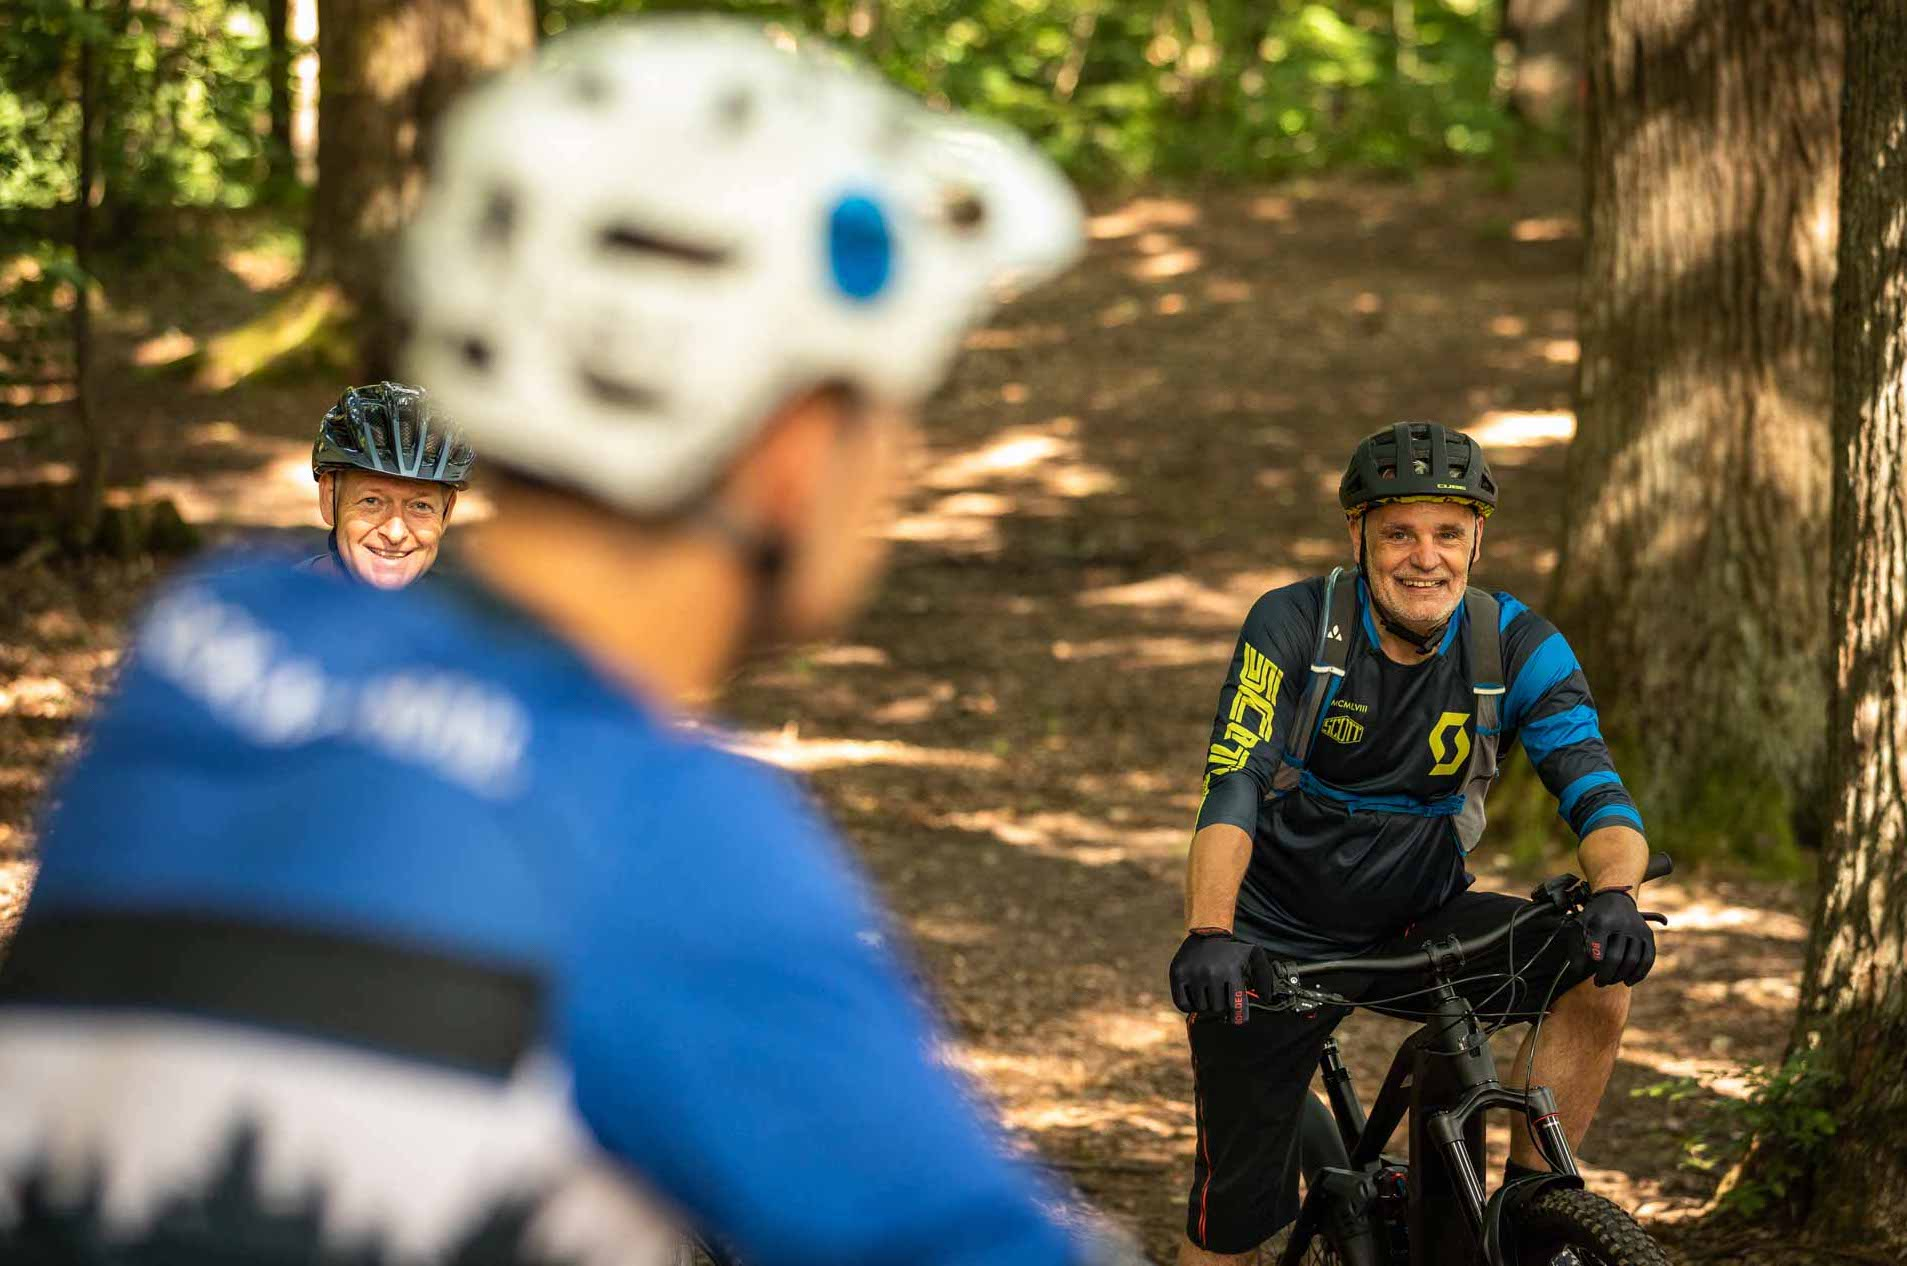 eMTB Fahrtechnik Einsteiger Kurs Witten  Ruhrgebiet - eBike Training - Rock my Trail Bikeschule GmbH